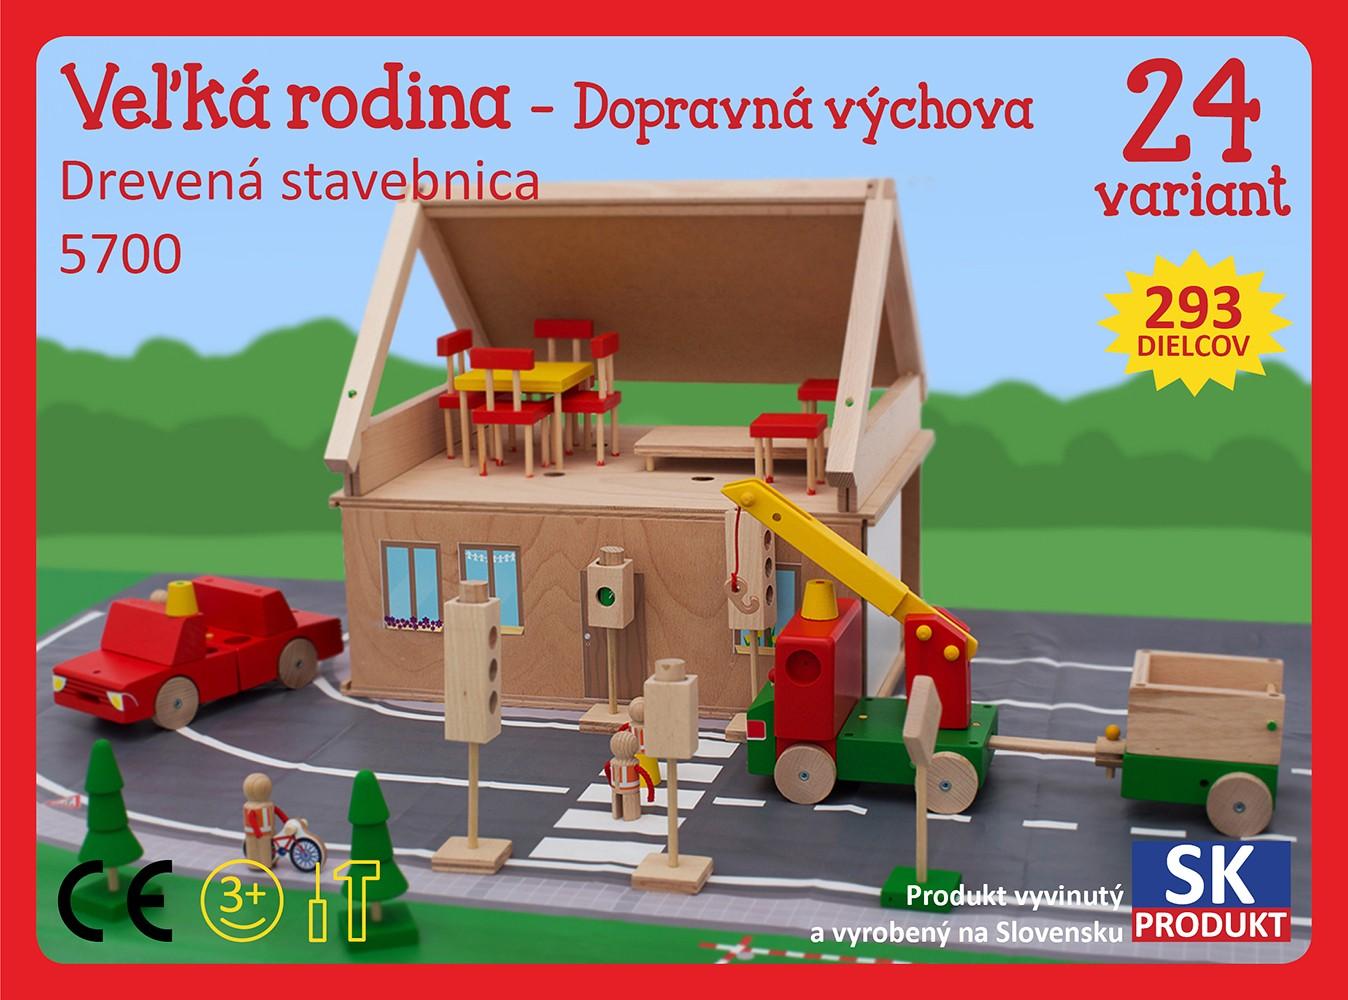 Levně Moy Toy Dřevěná stavebnice Velká rodina Moy Toy